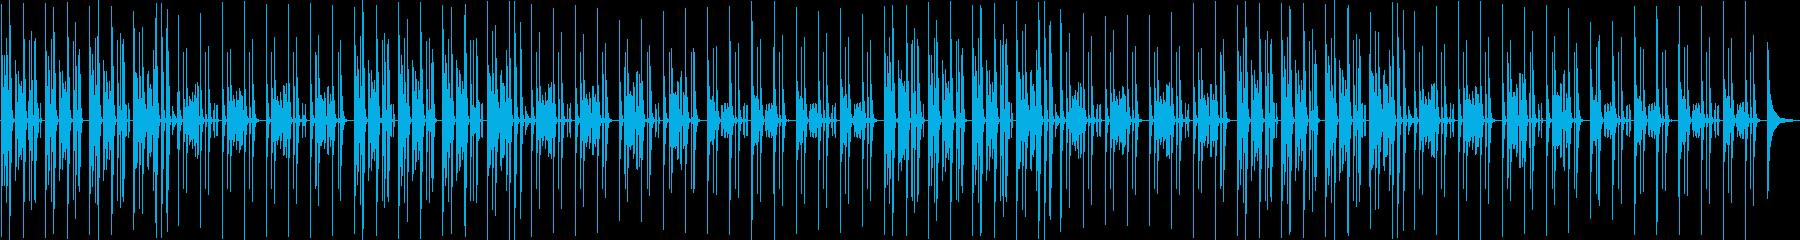 猫の昼寝・まったりピアノとリコーダーの再生済みの波形